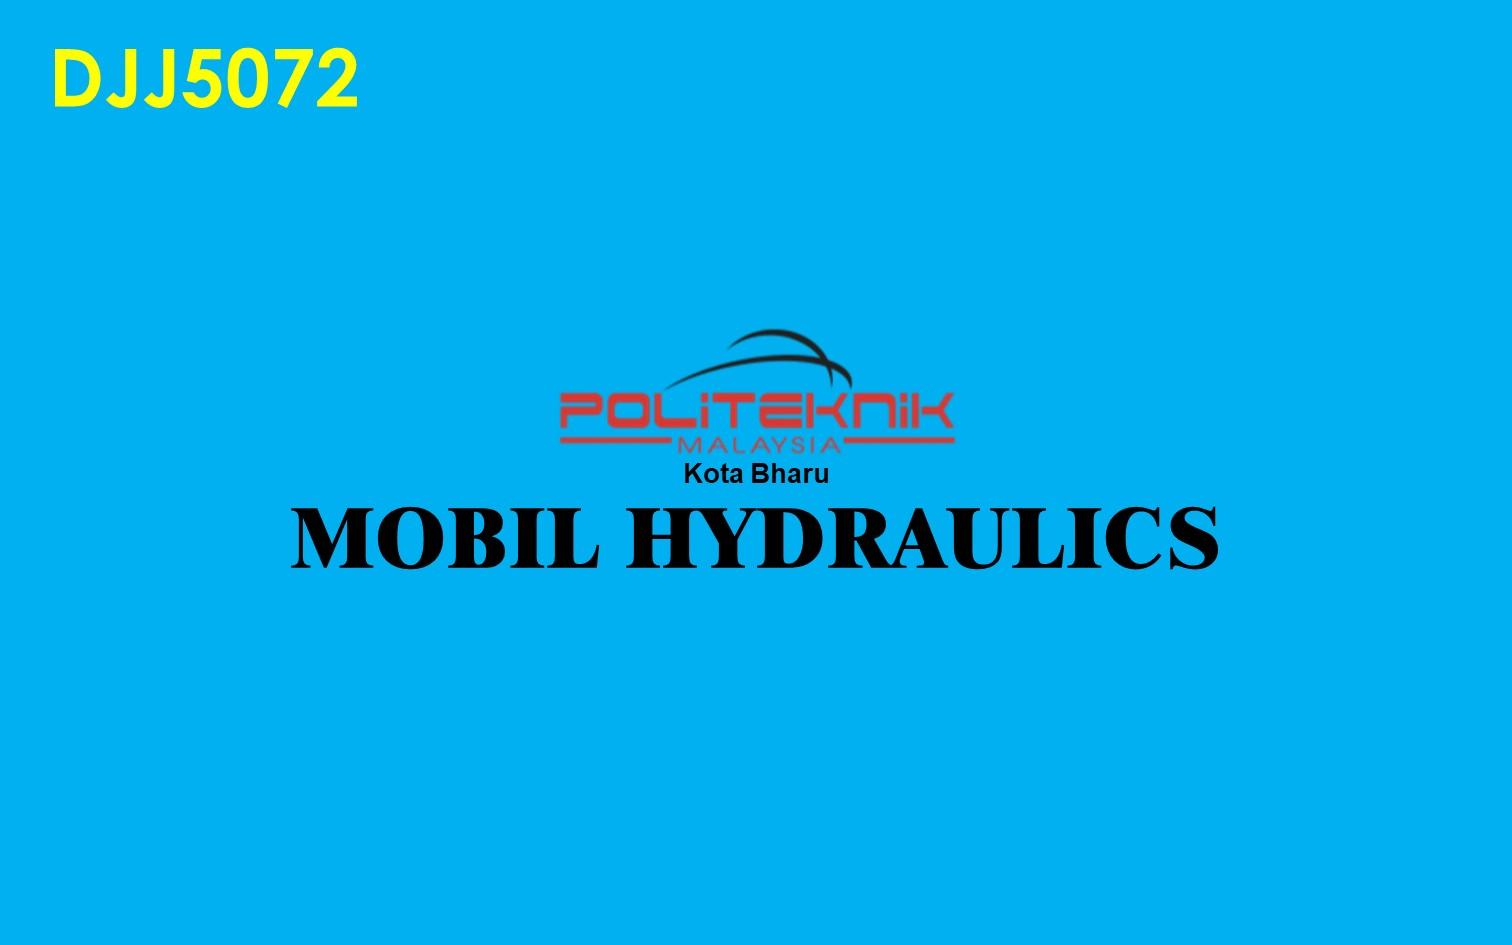 DJA5072 MOBIL HYDRAULICS